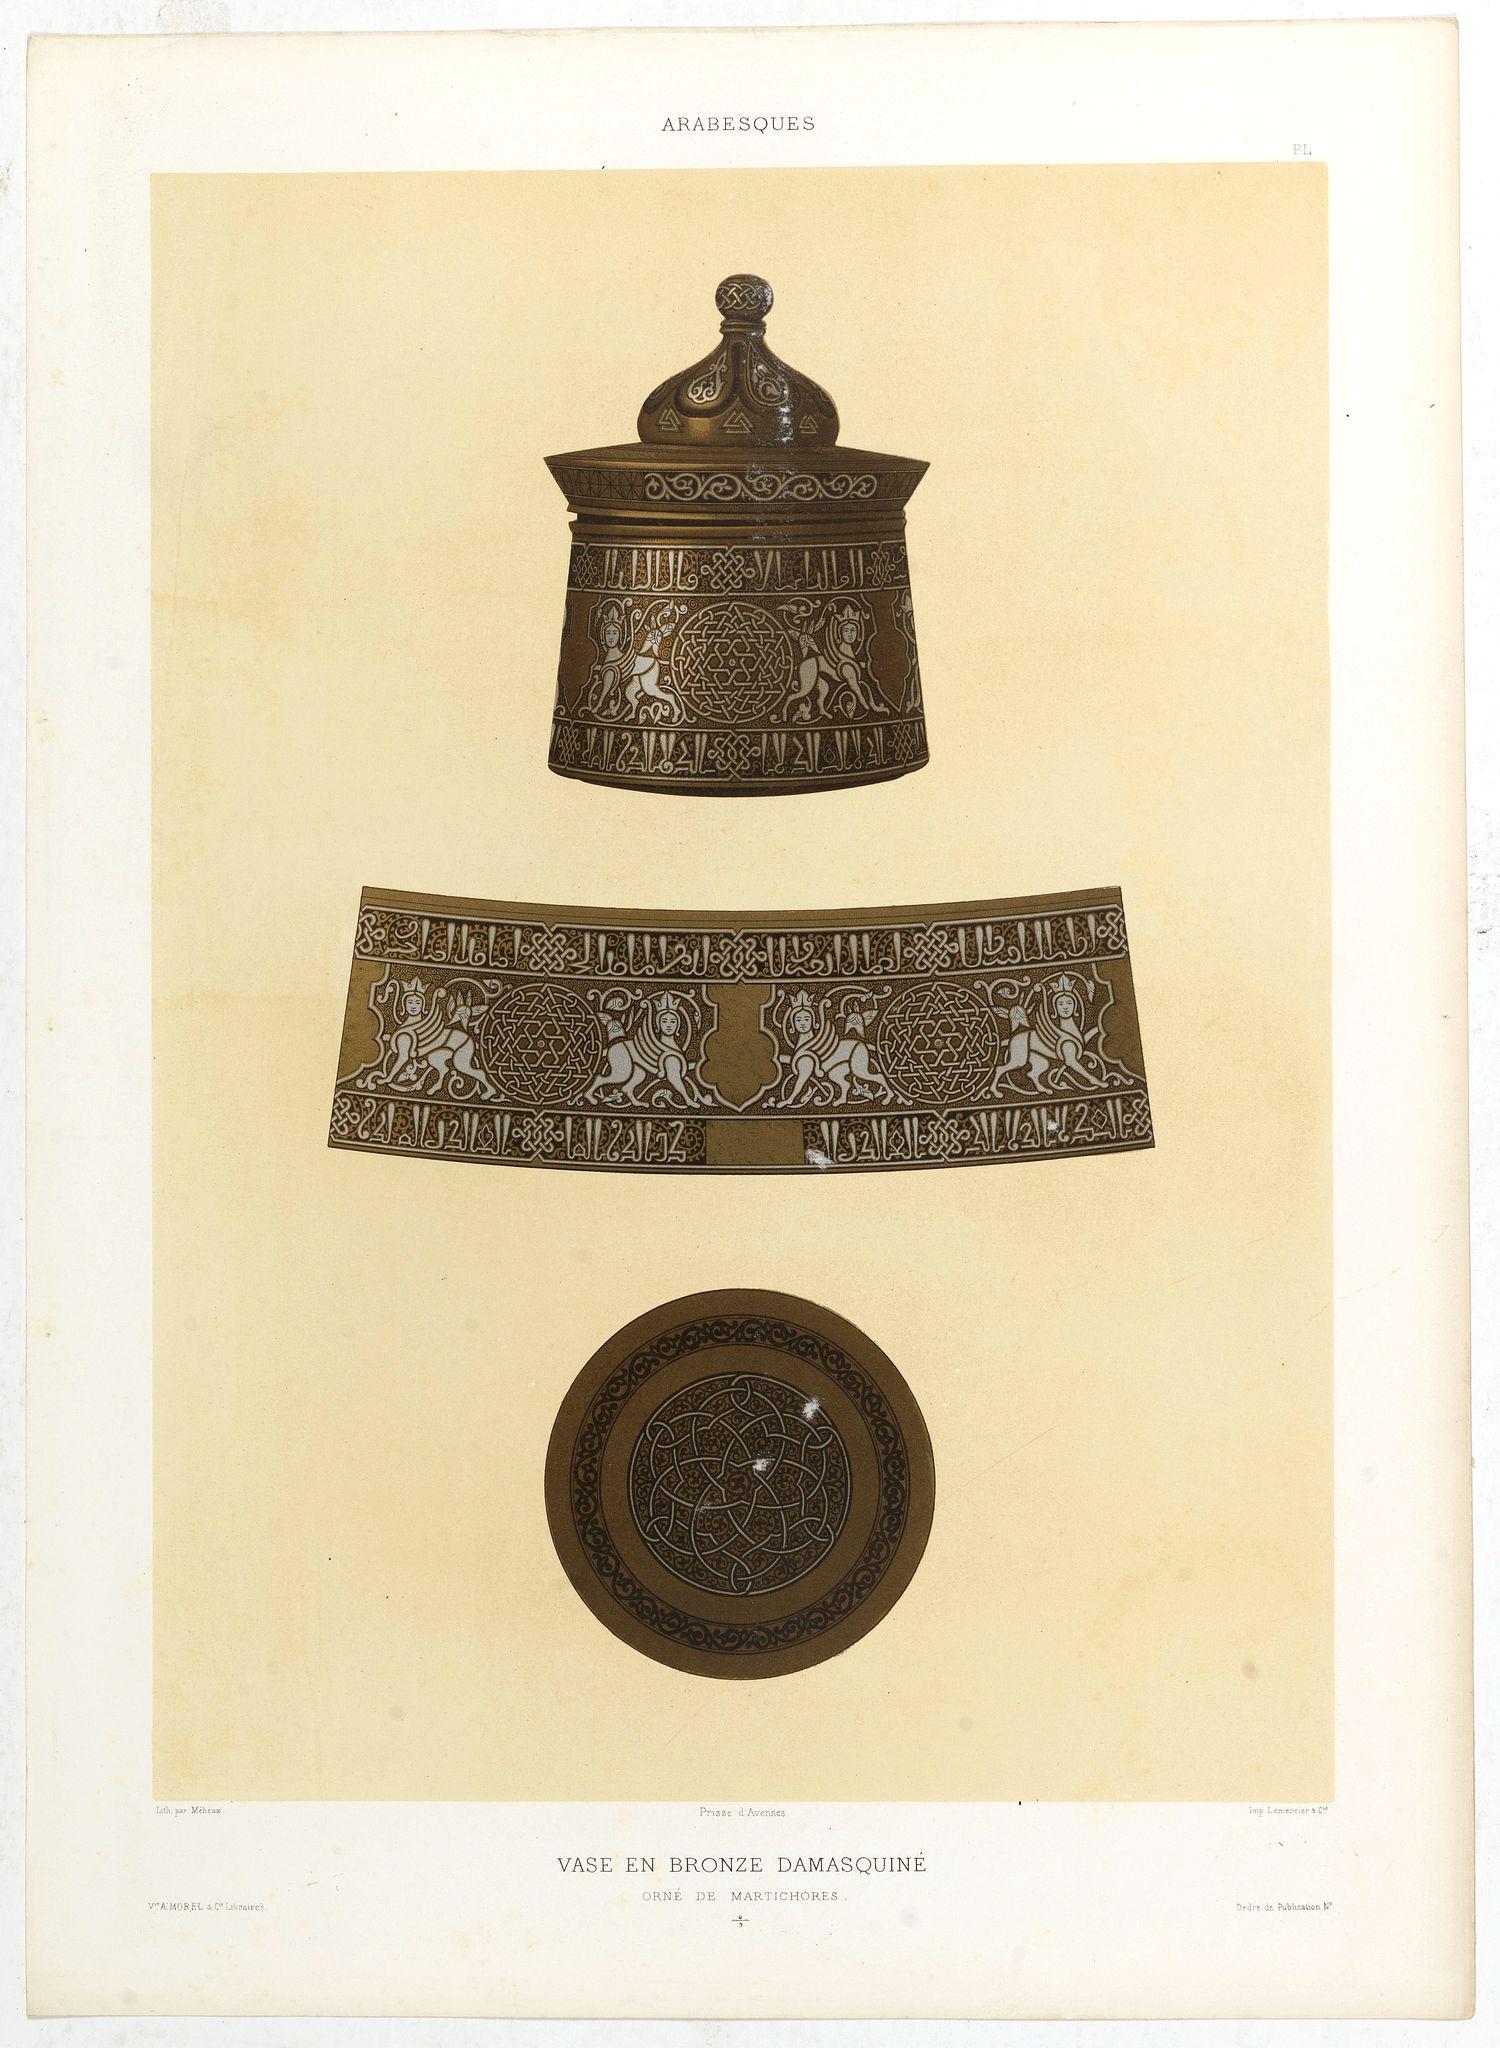 PRISSE D'AVENNES, E. -  Arabesques. - Vase en Bronze damasquiné orné de martichores.